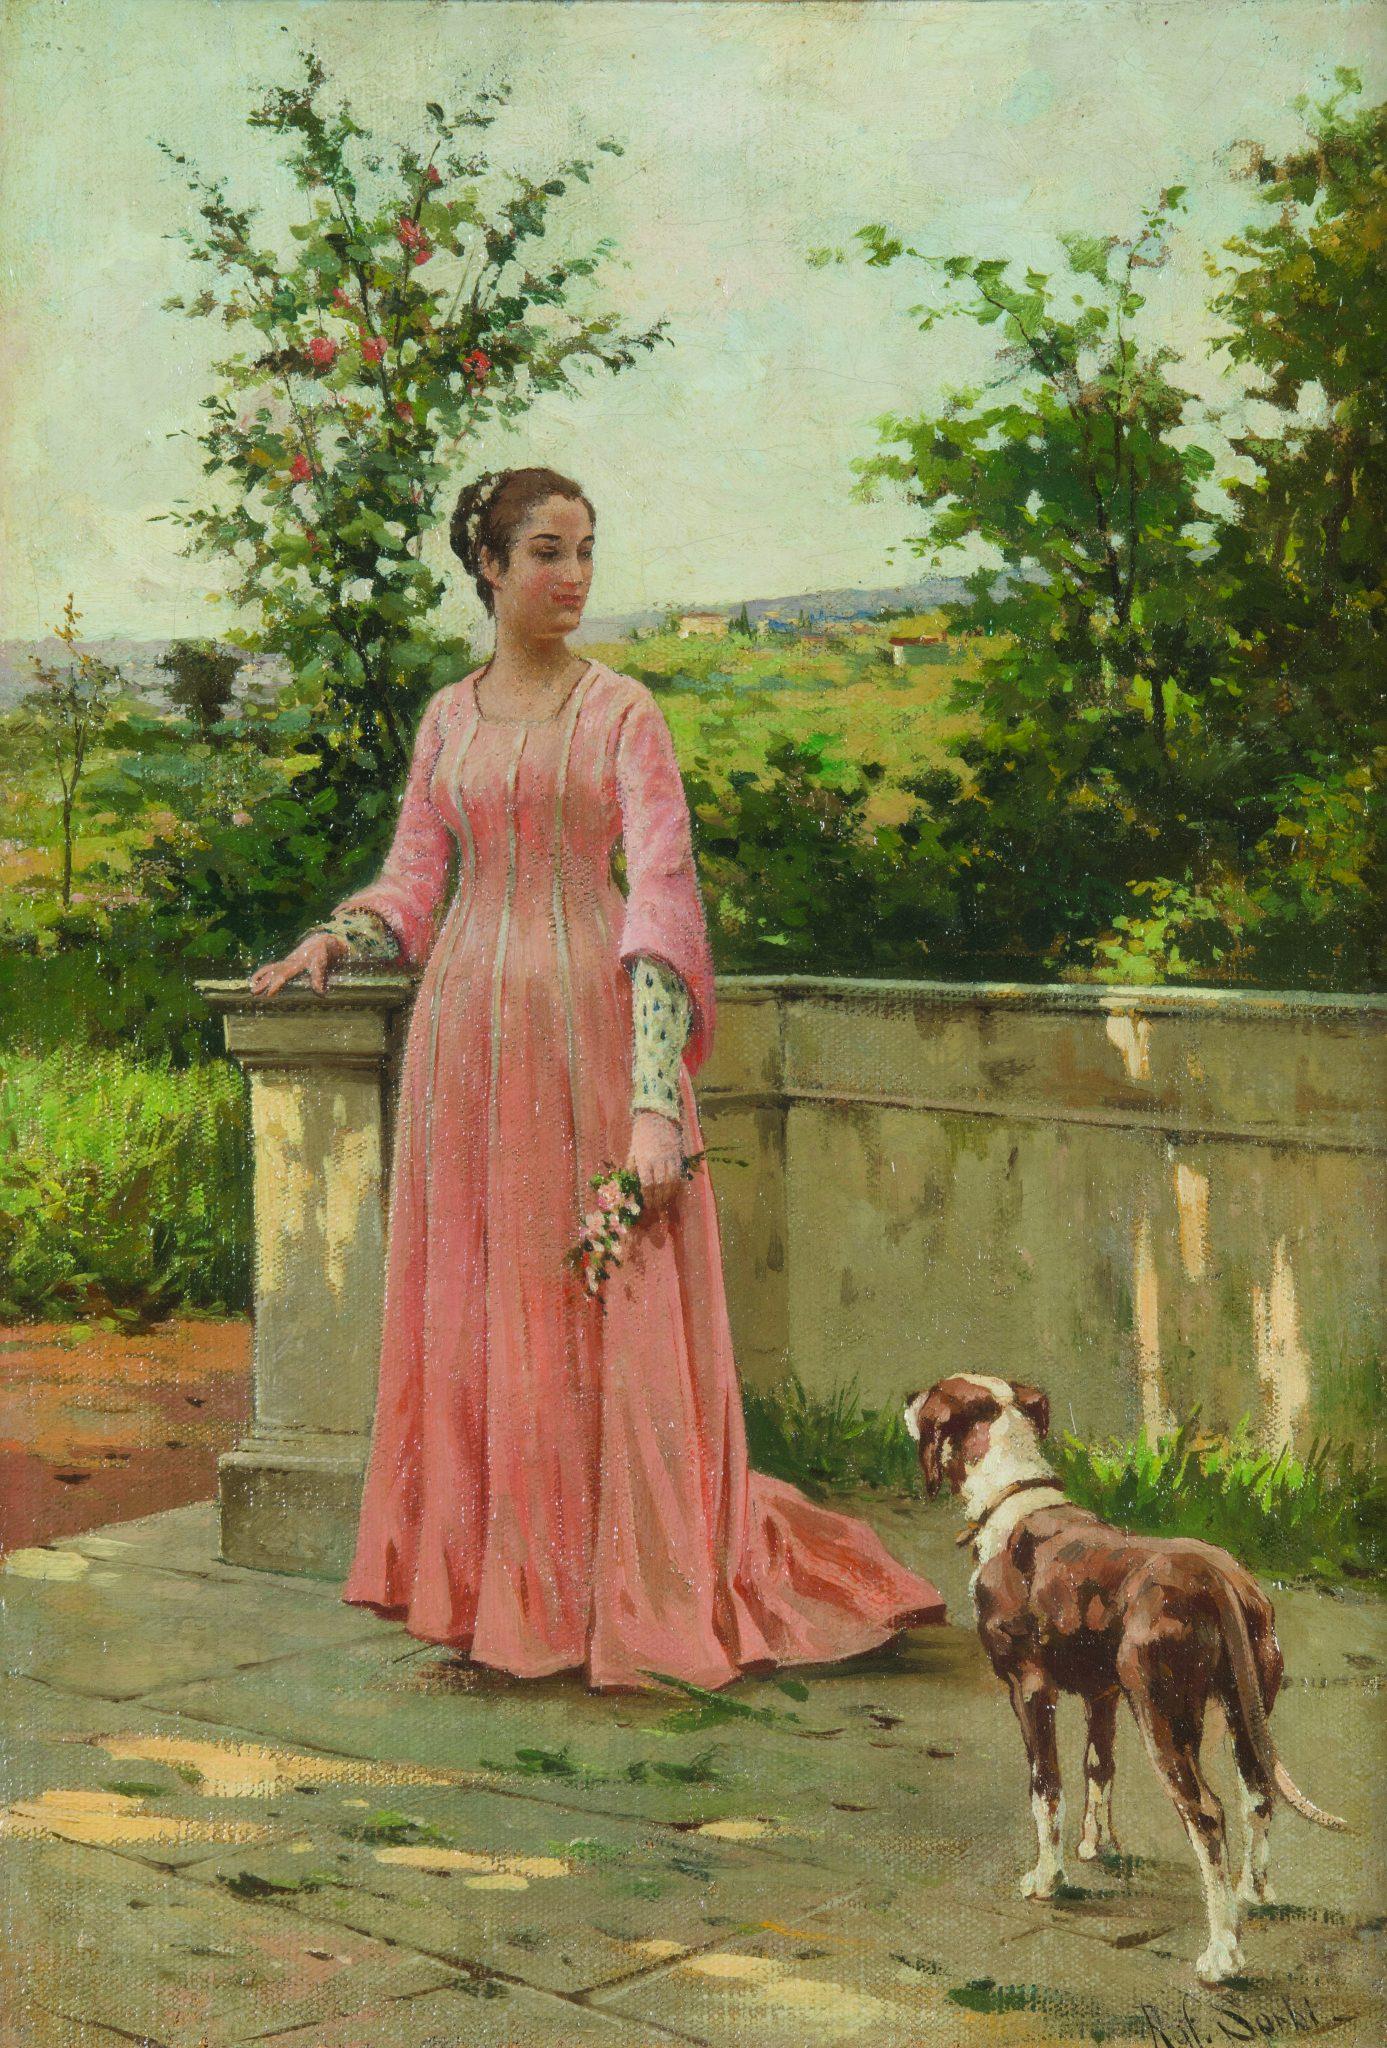 Lotto 231 Raffaello Sorbi (1844-1931) Giovane fanciulla con cane olio su tela, cm 36x25, firmato in basso a destra Stima € 8.000 - 10.000